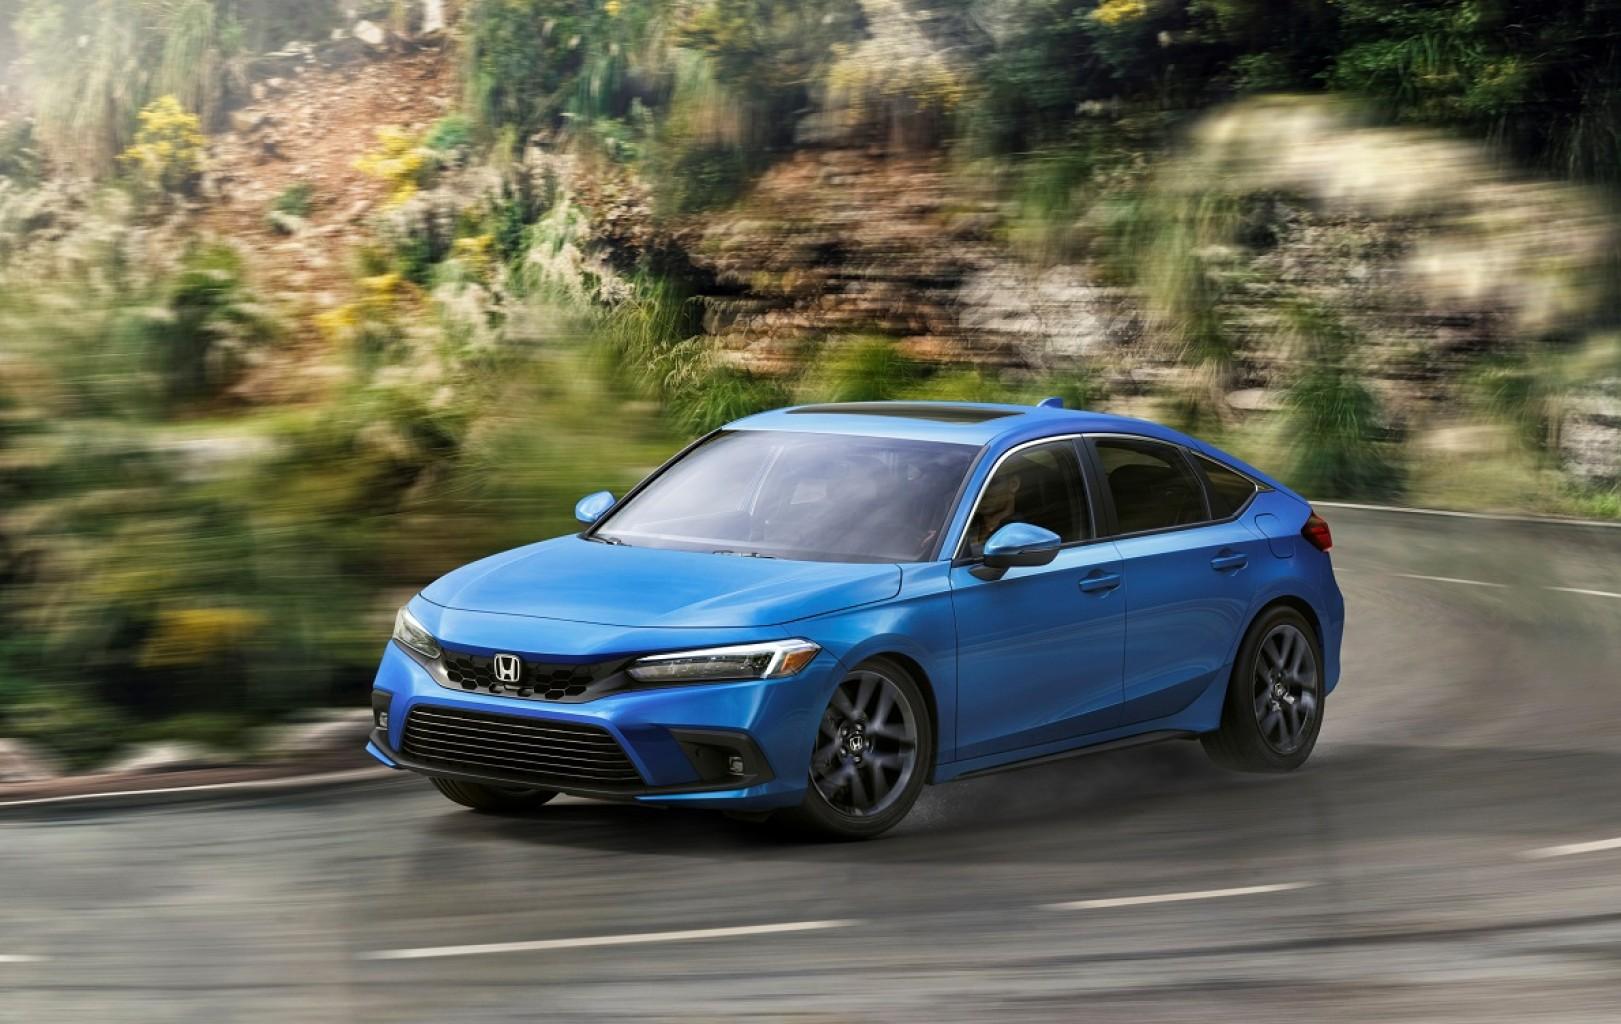 El Honda Civic Hatchback del 2022 sale a la venta con diseño europeo